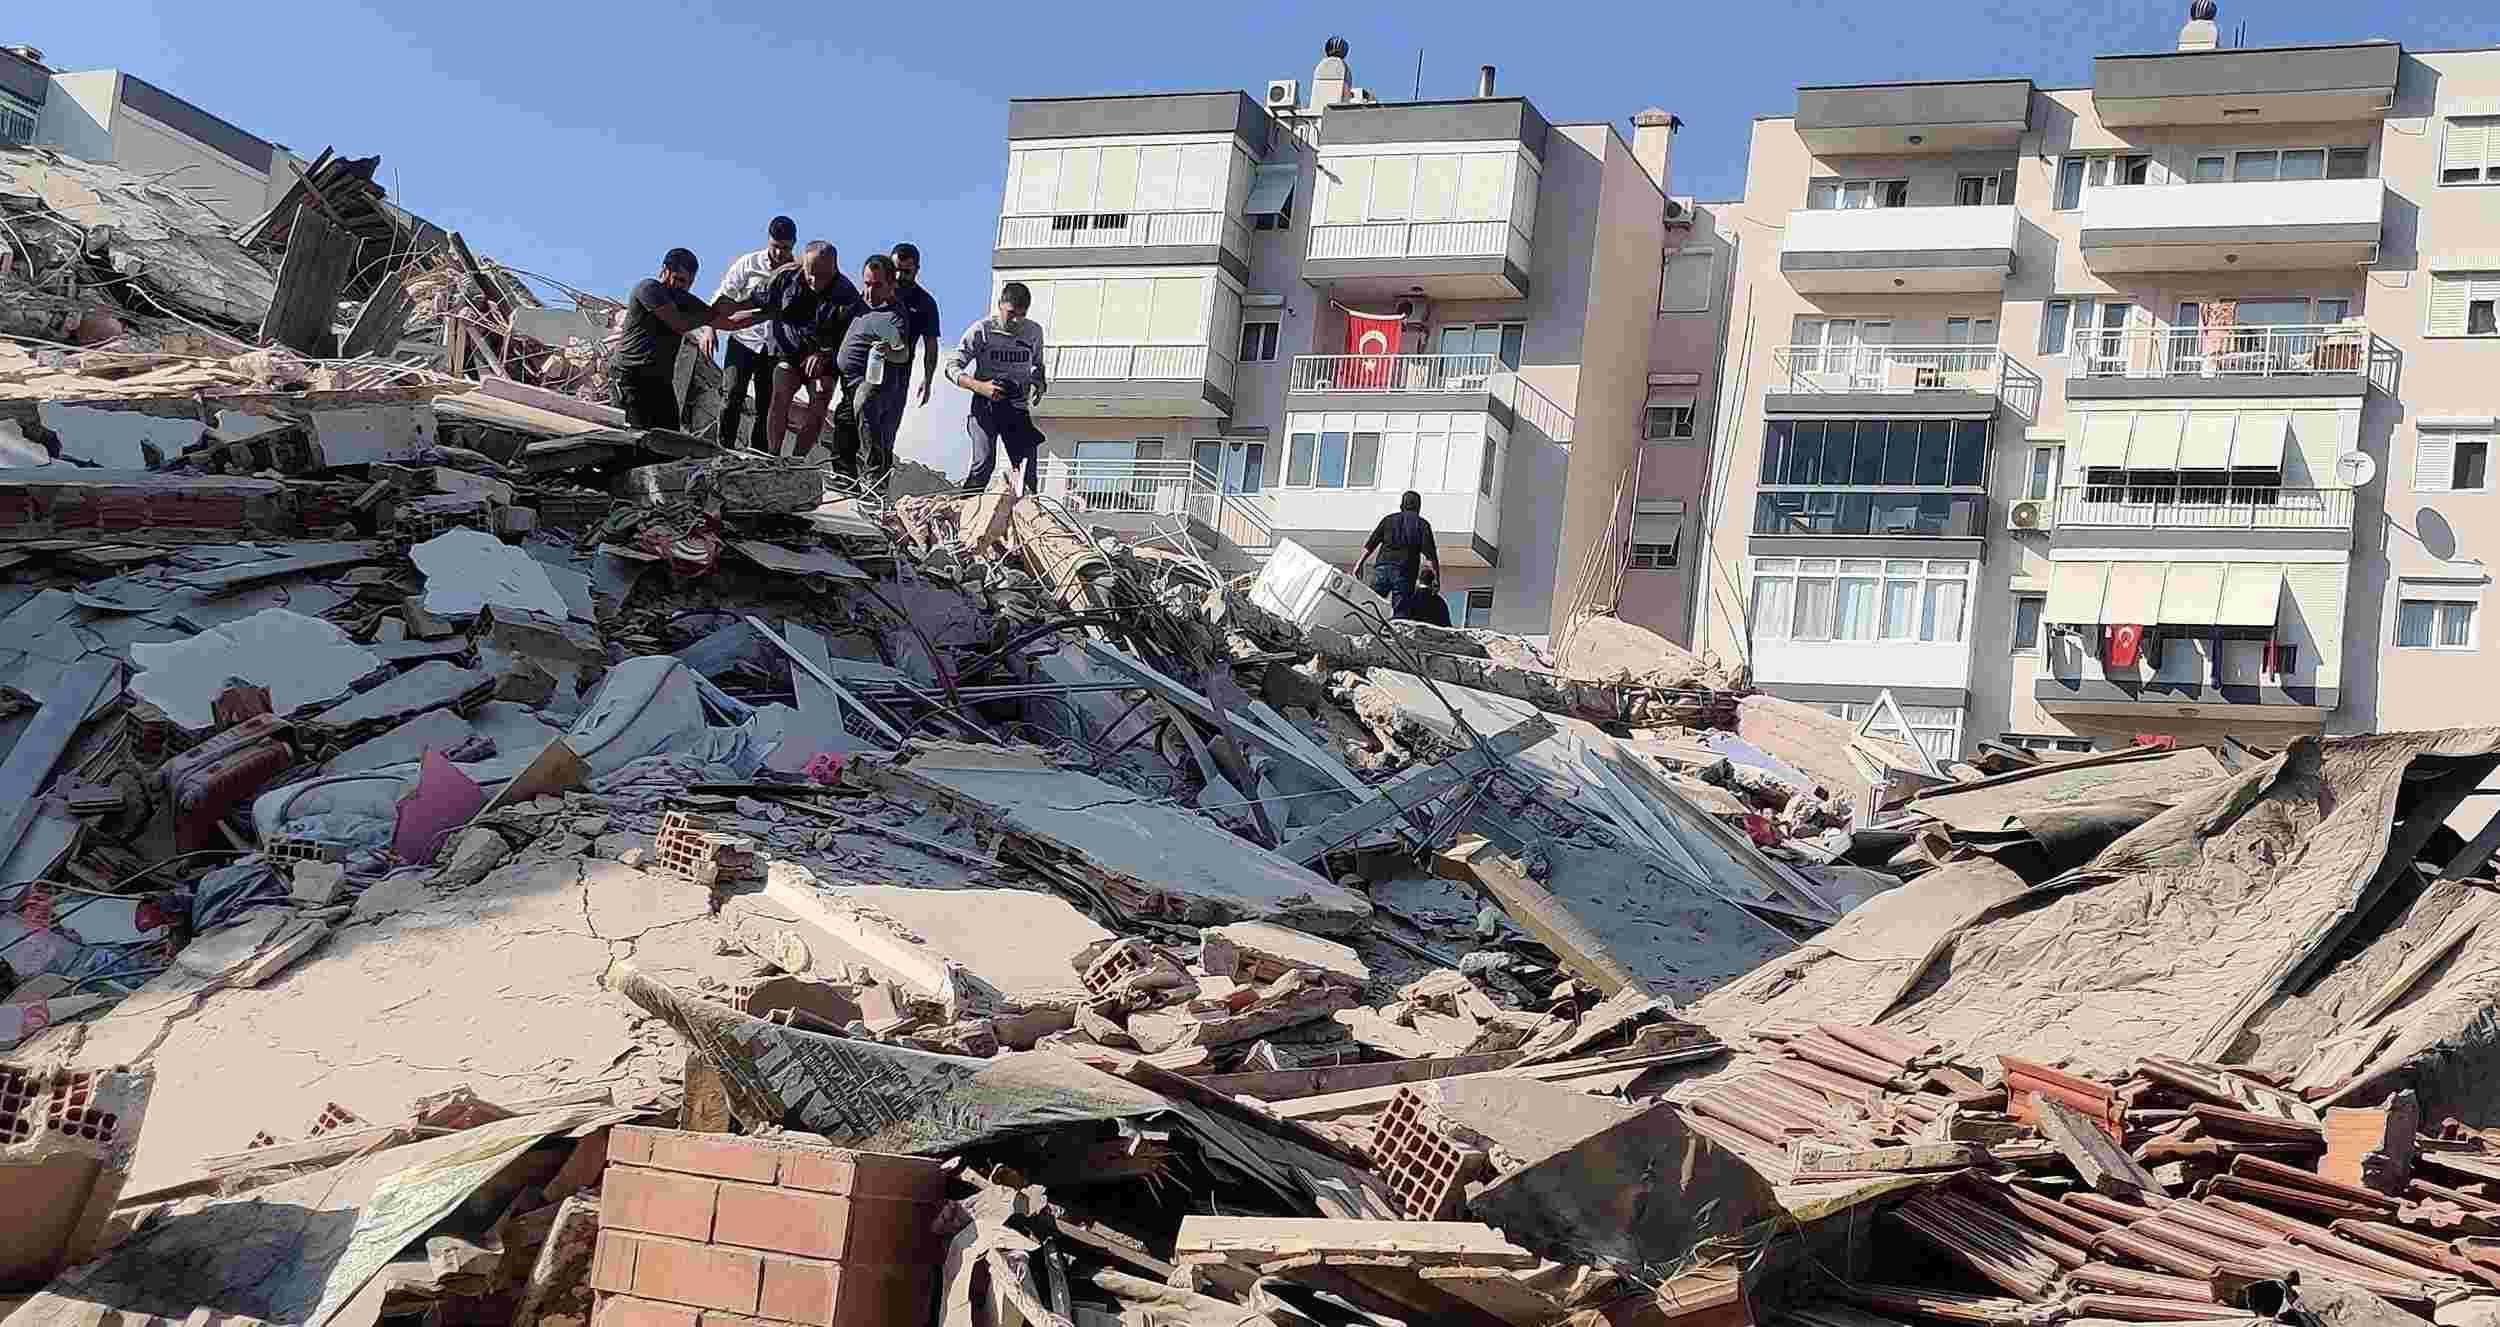 Terremoto de escala 7.0 atinge Turquia e Grécia nesta sexta-feira (30)